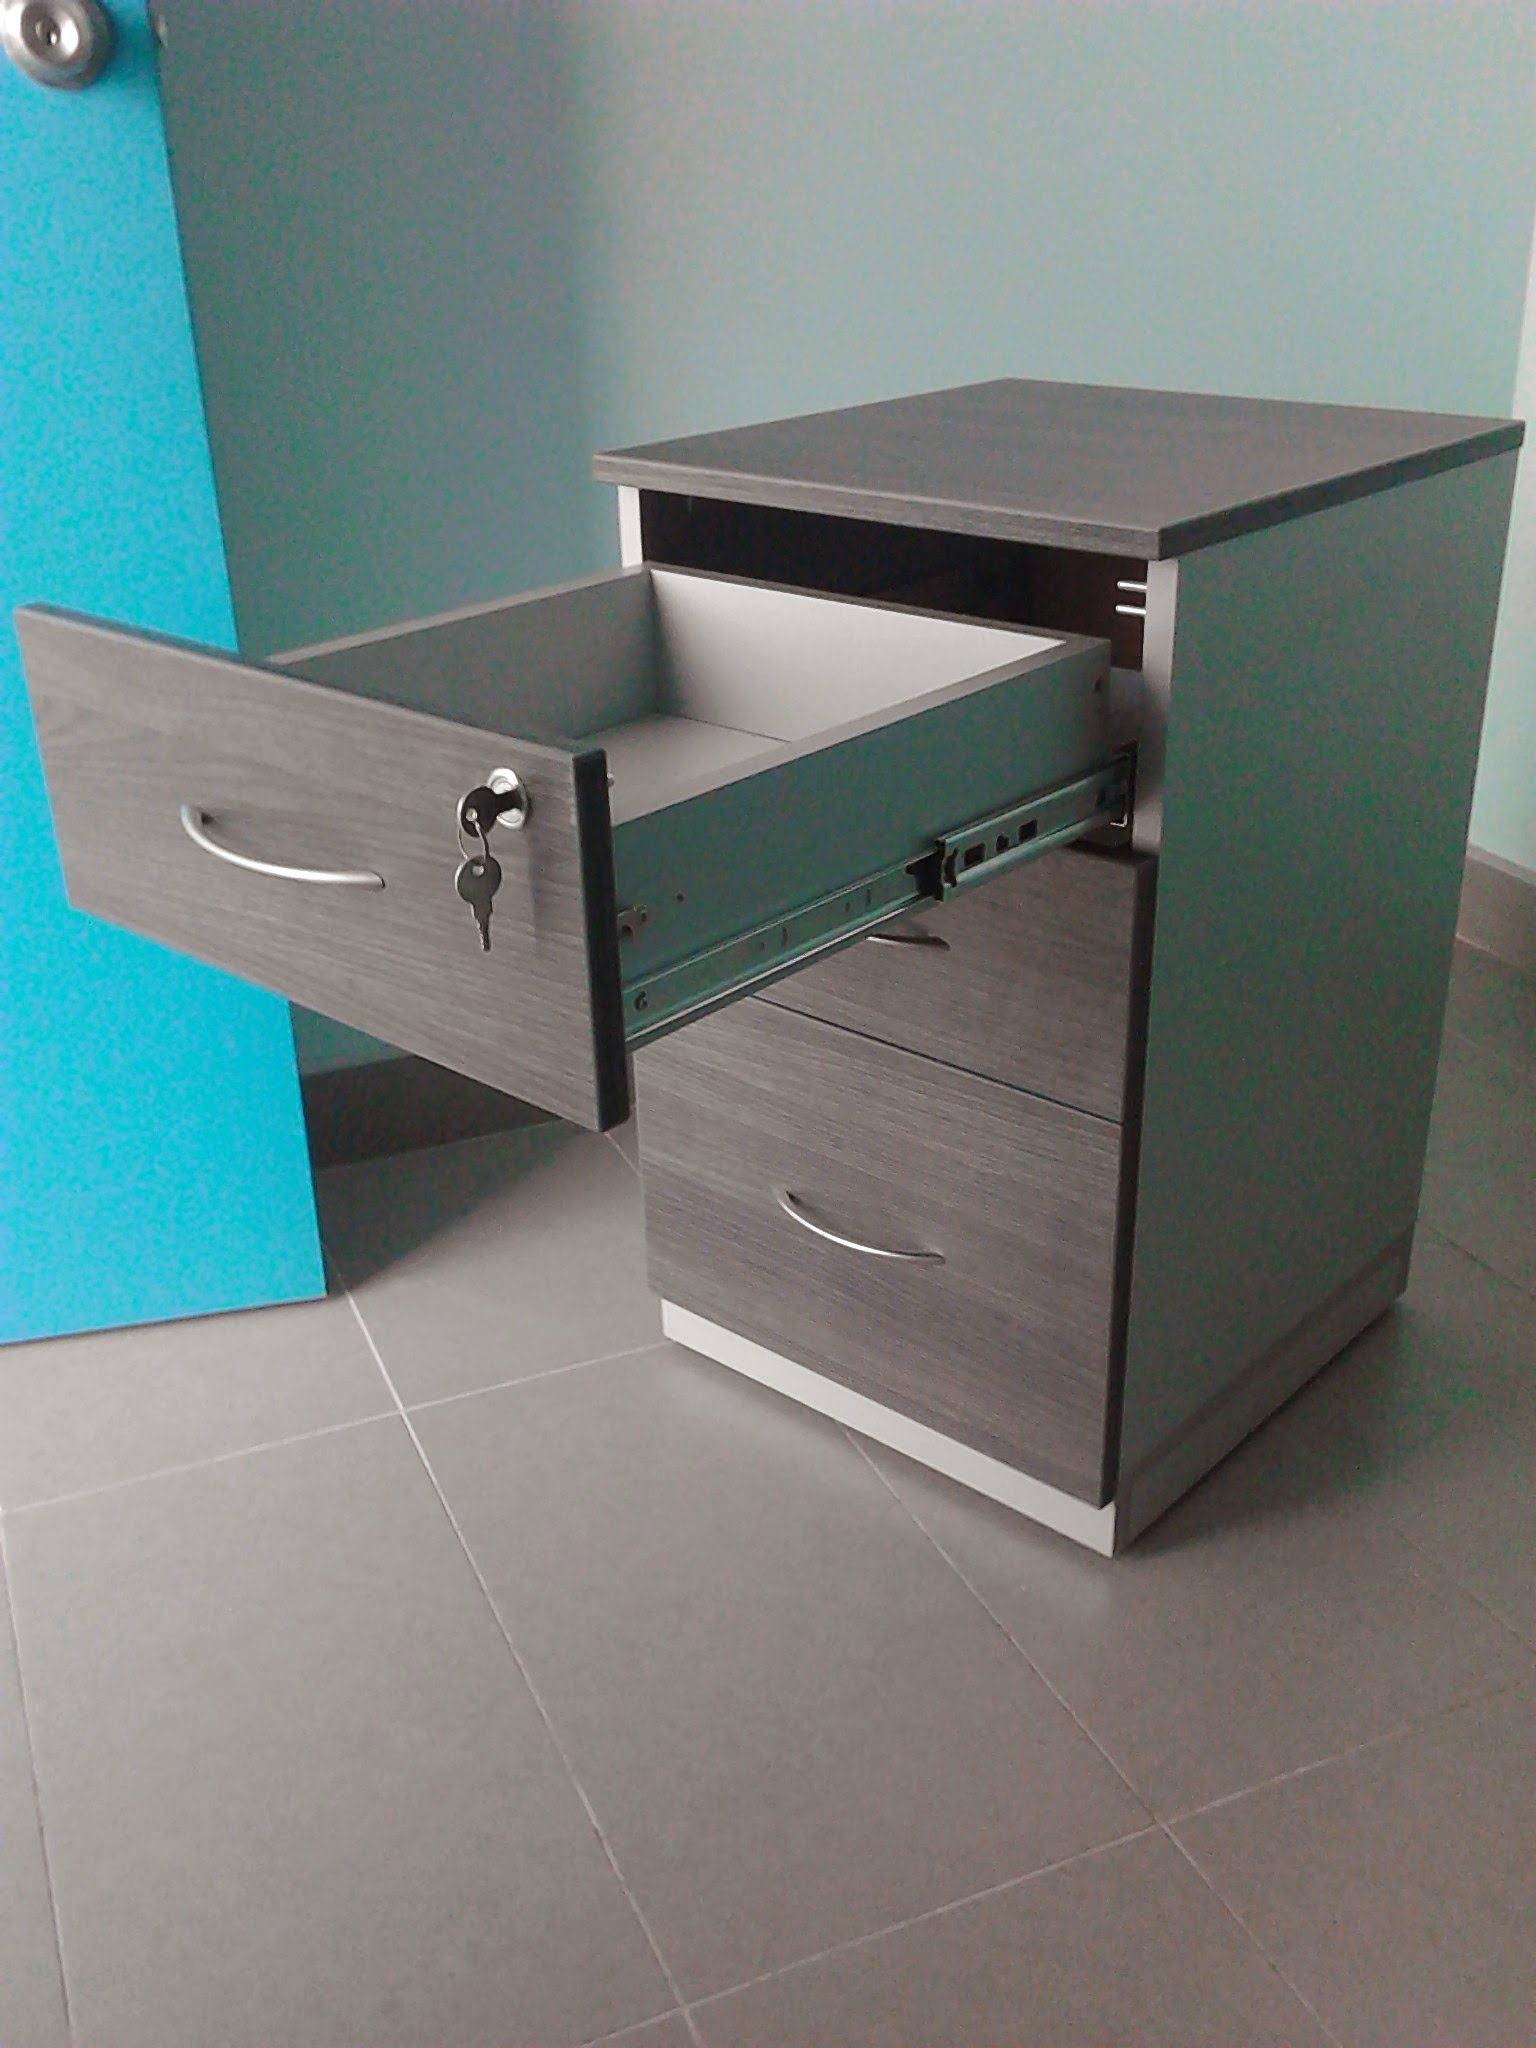 Cajonera en melamina color roble gris y aluminio caj n sale en su totalidad la ventaja de la - Cajonera para oficina ...